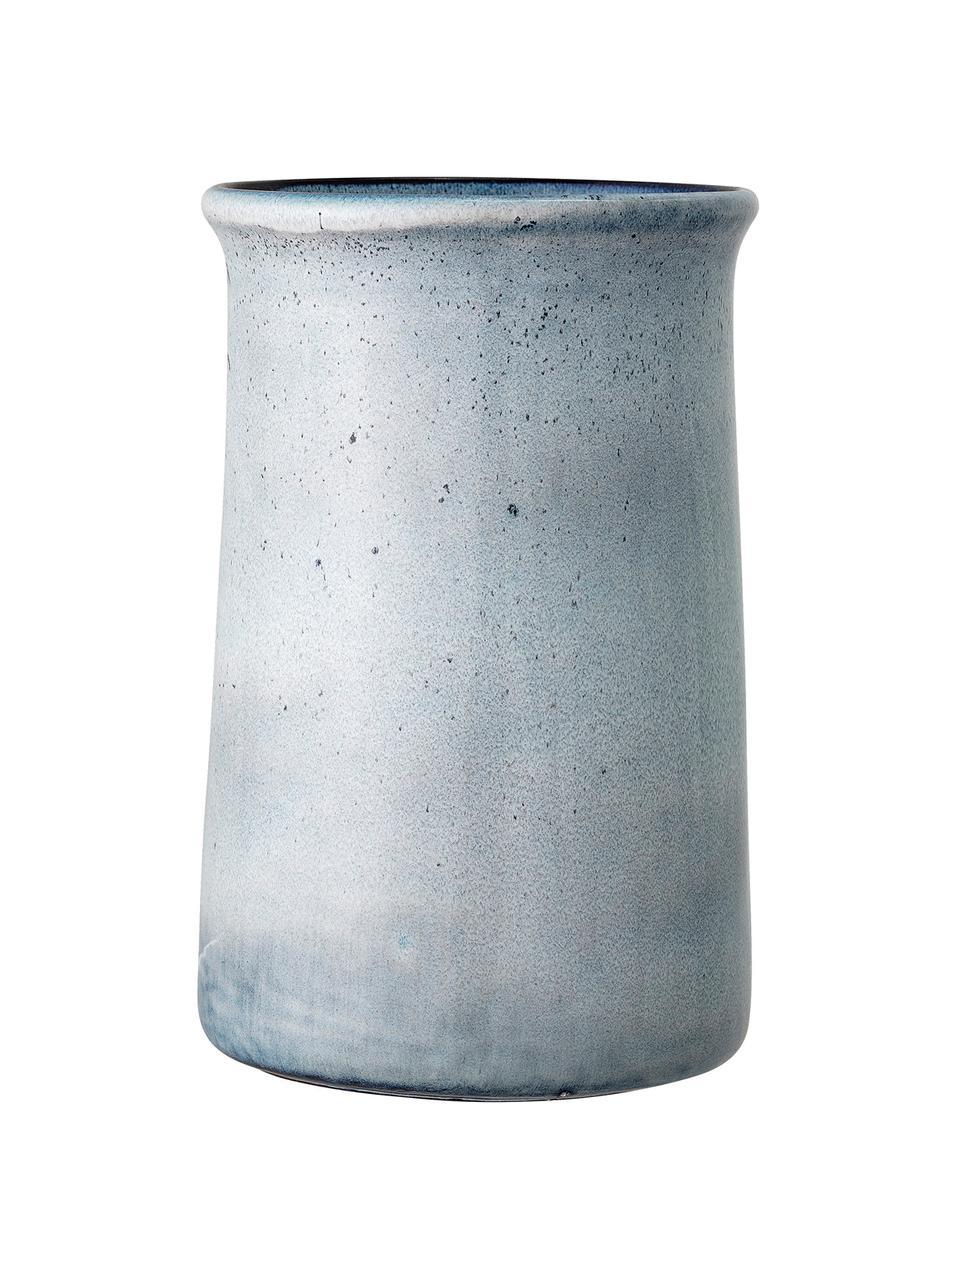 Handgemachter Flaschenkühler Sandrine in Blau, Steingut, Blautöne, Ø 15 x H 23 cm